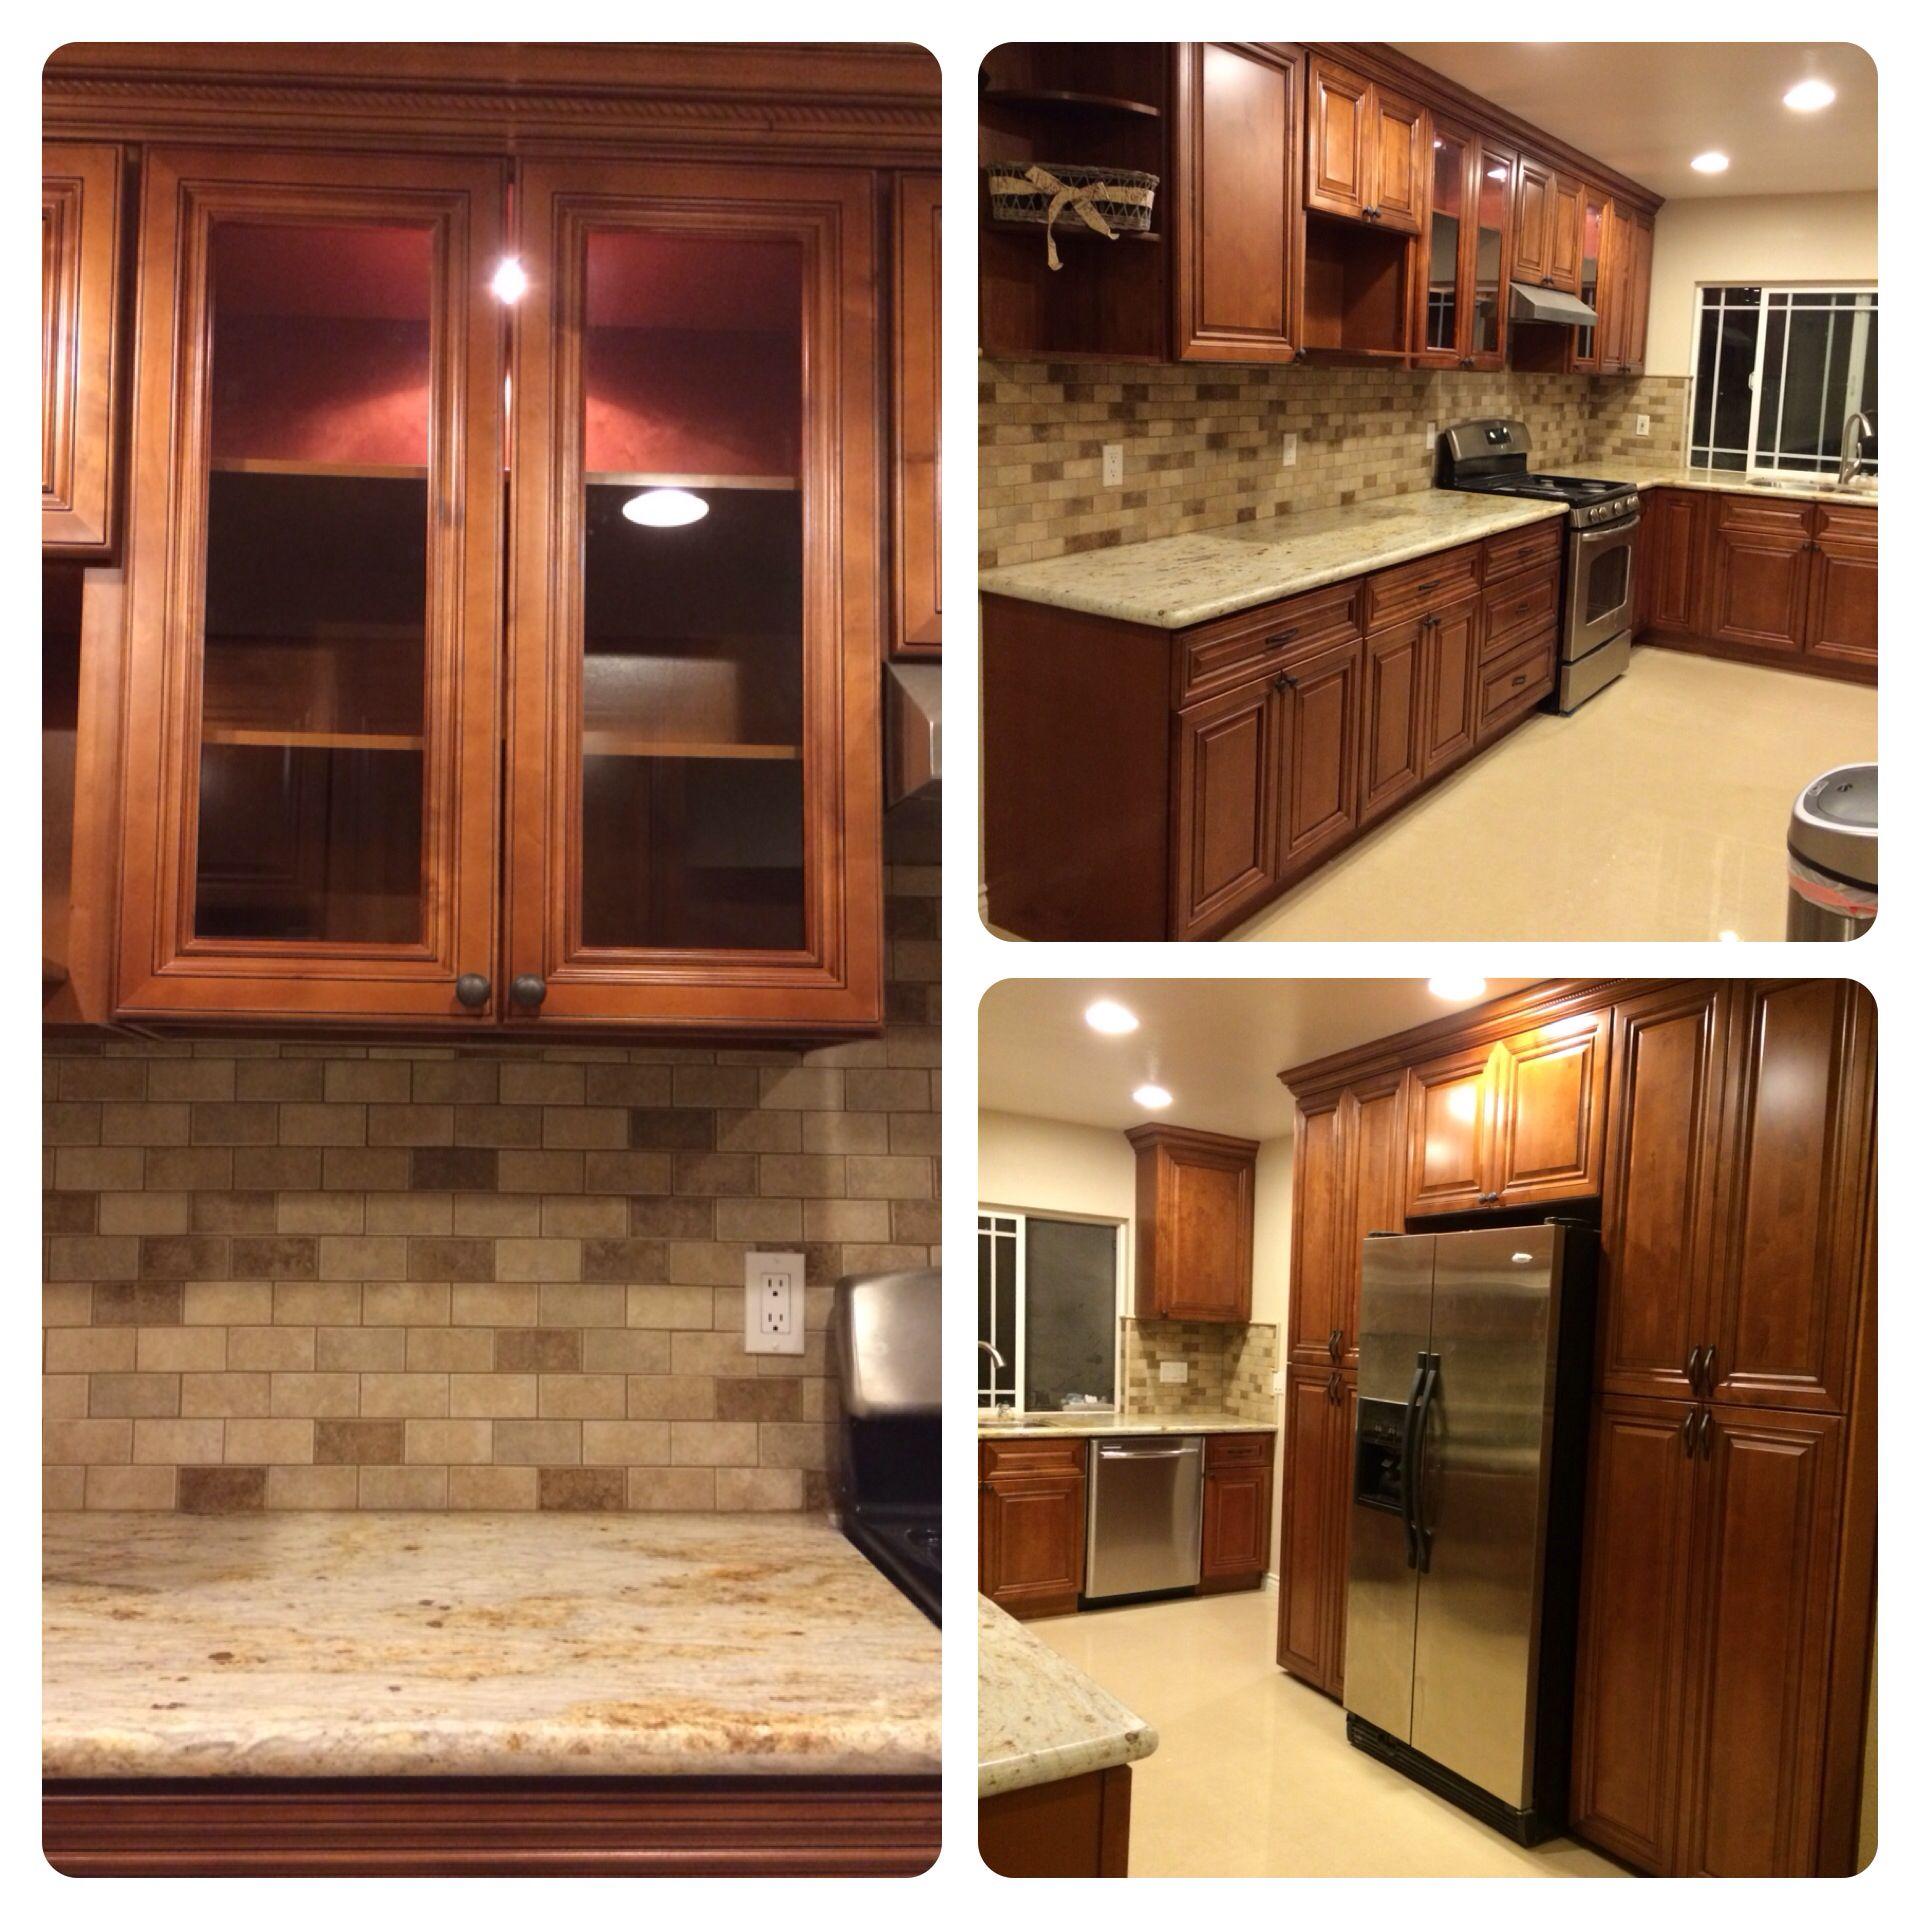 Golden River Granite Kitchen: Coffee Glazed Cabinets W/yellow River Granite & Tri-color